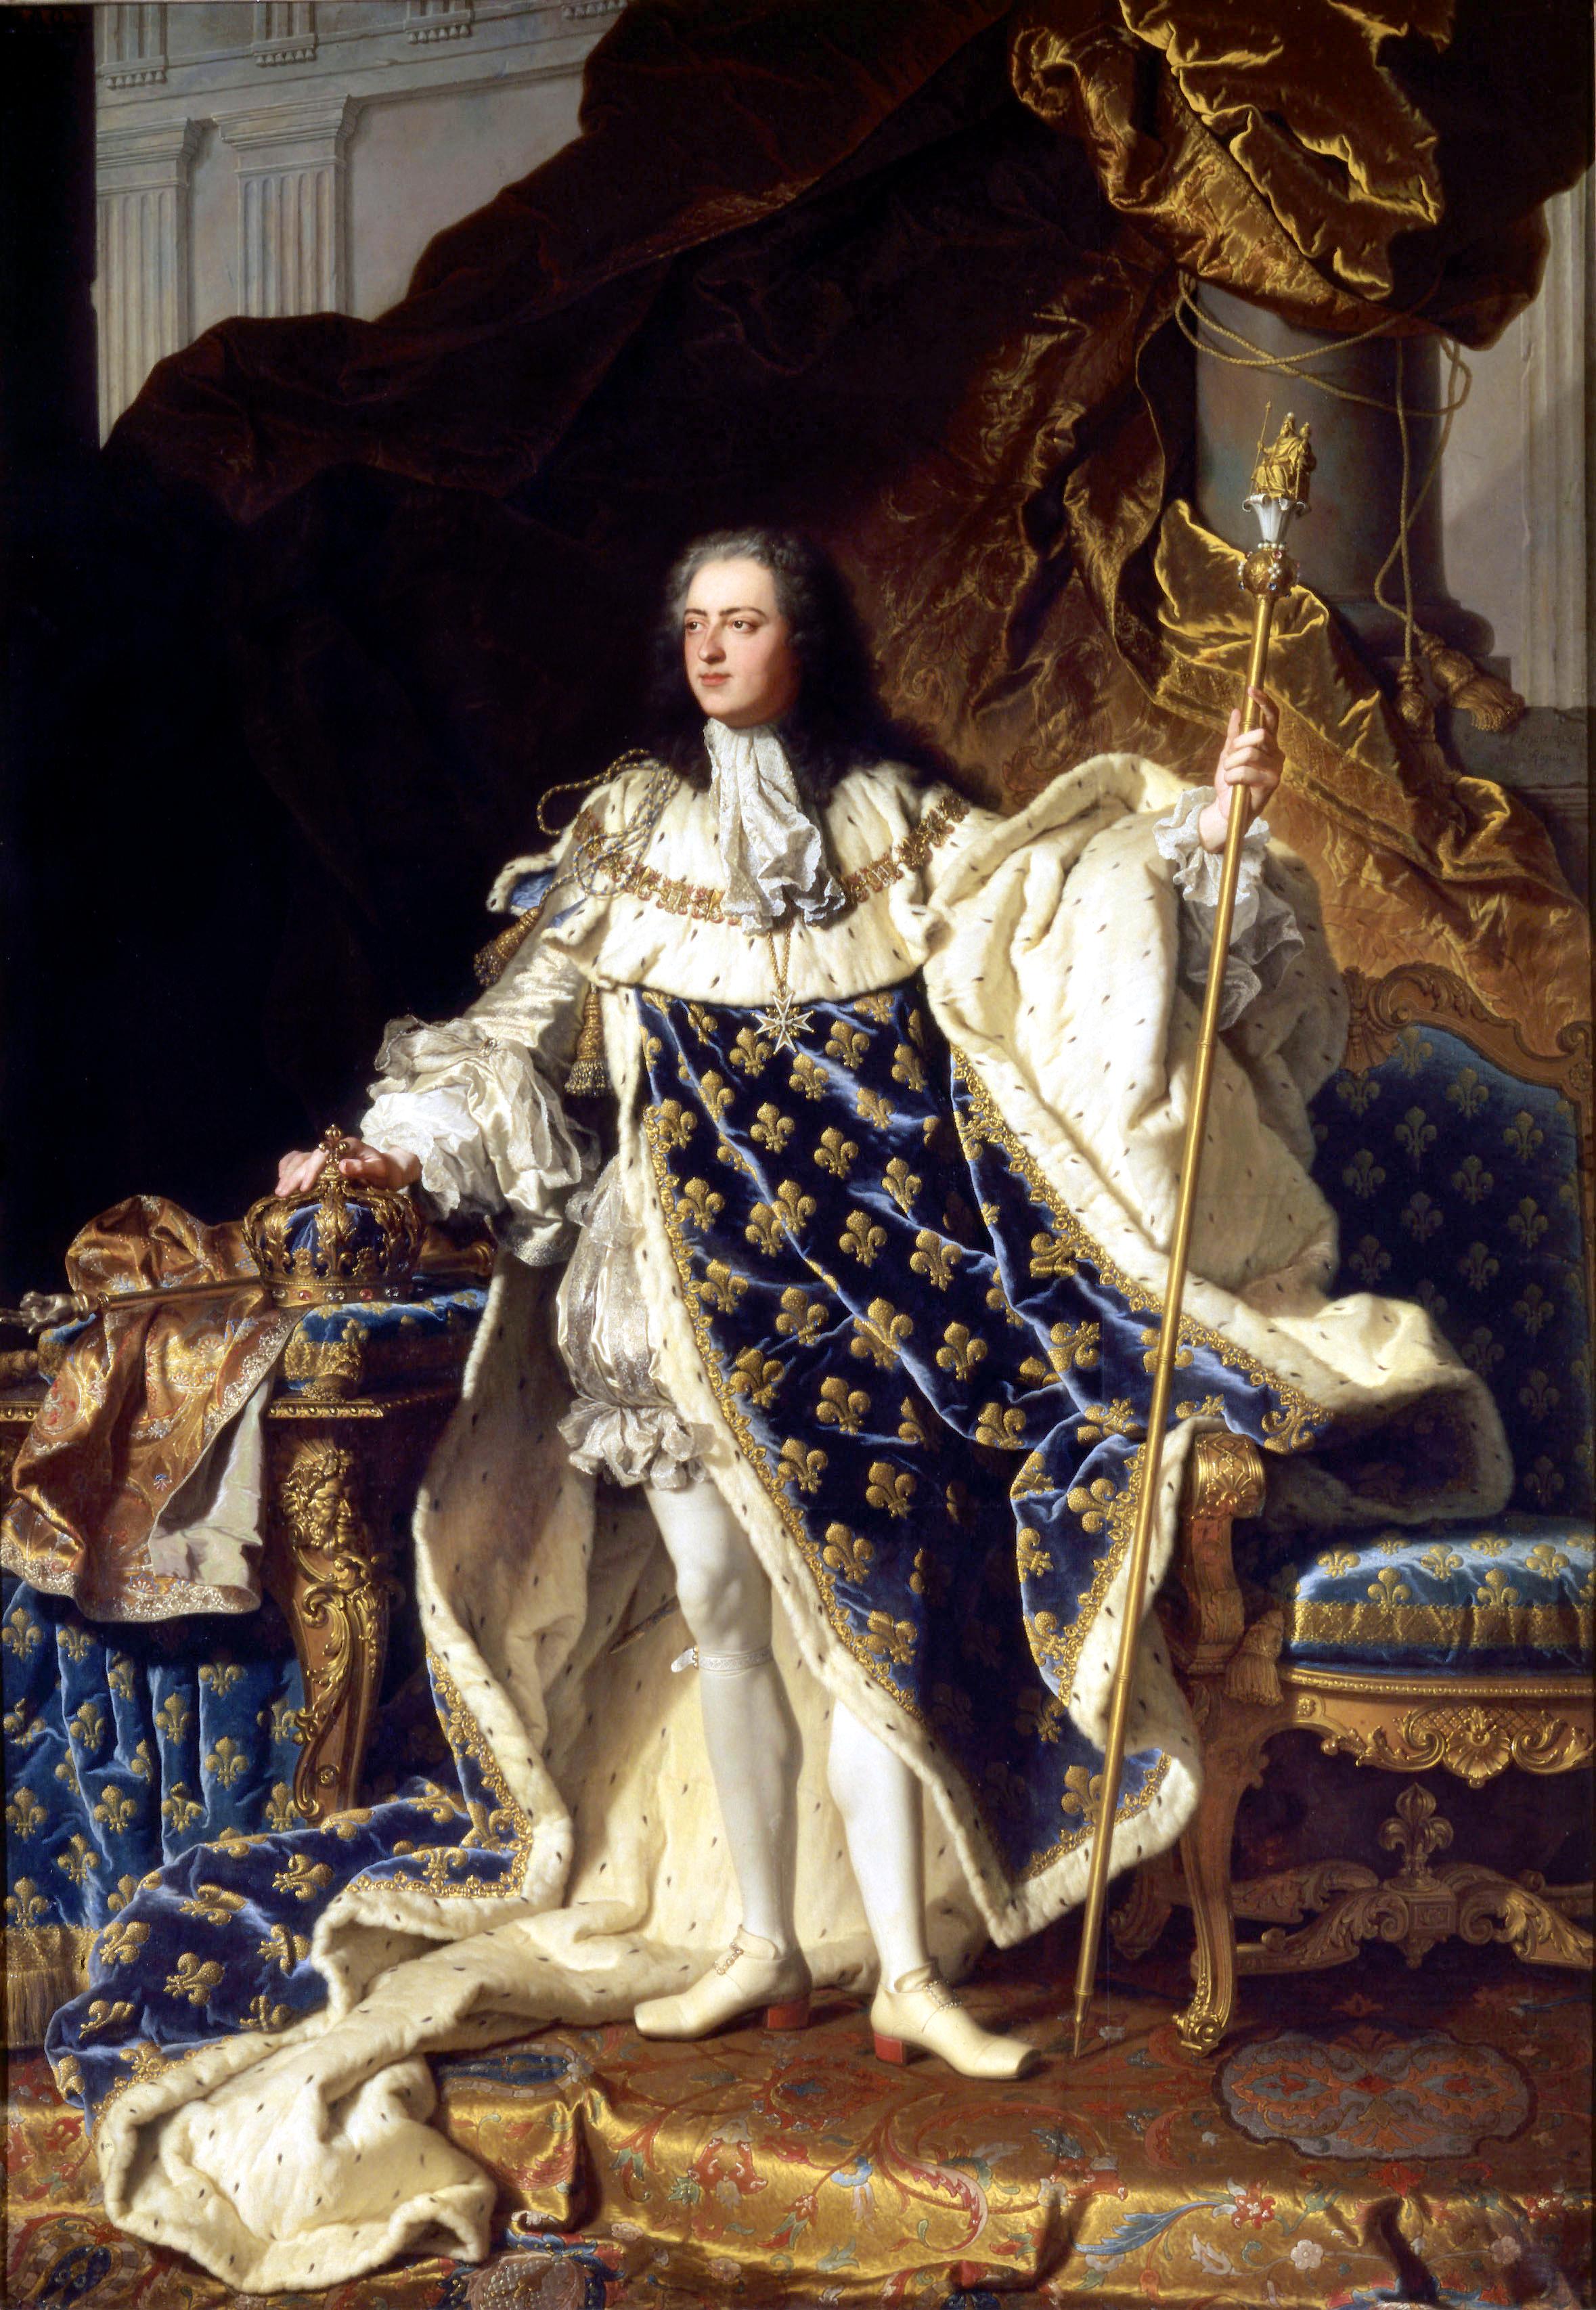 Depiction of Luis XV de Francia